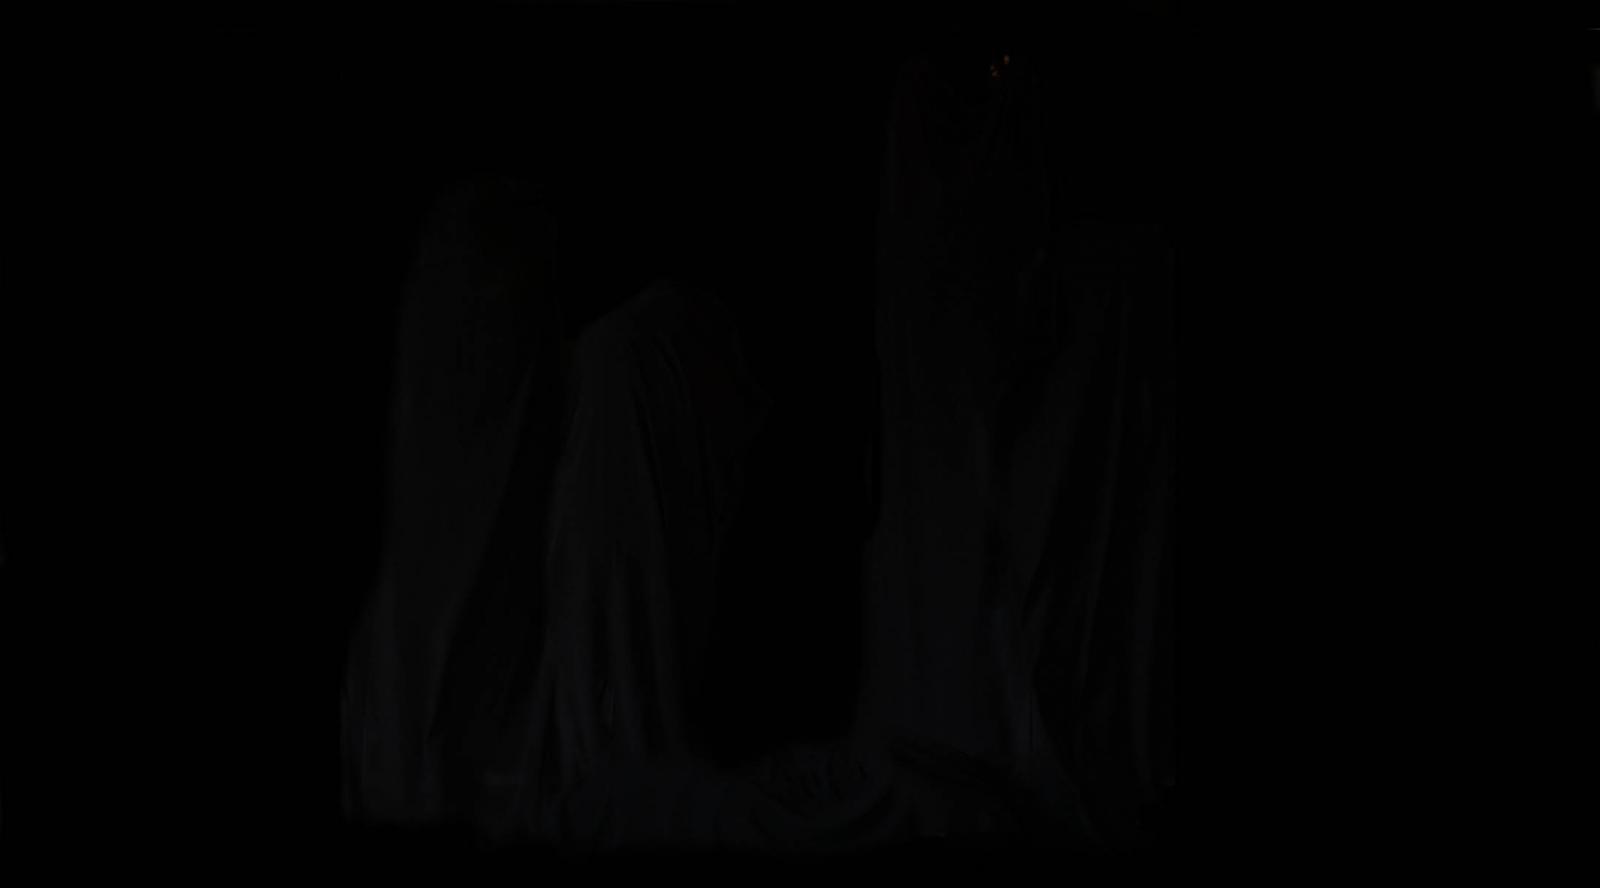 Photography image - Loading Black.jpg